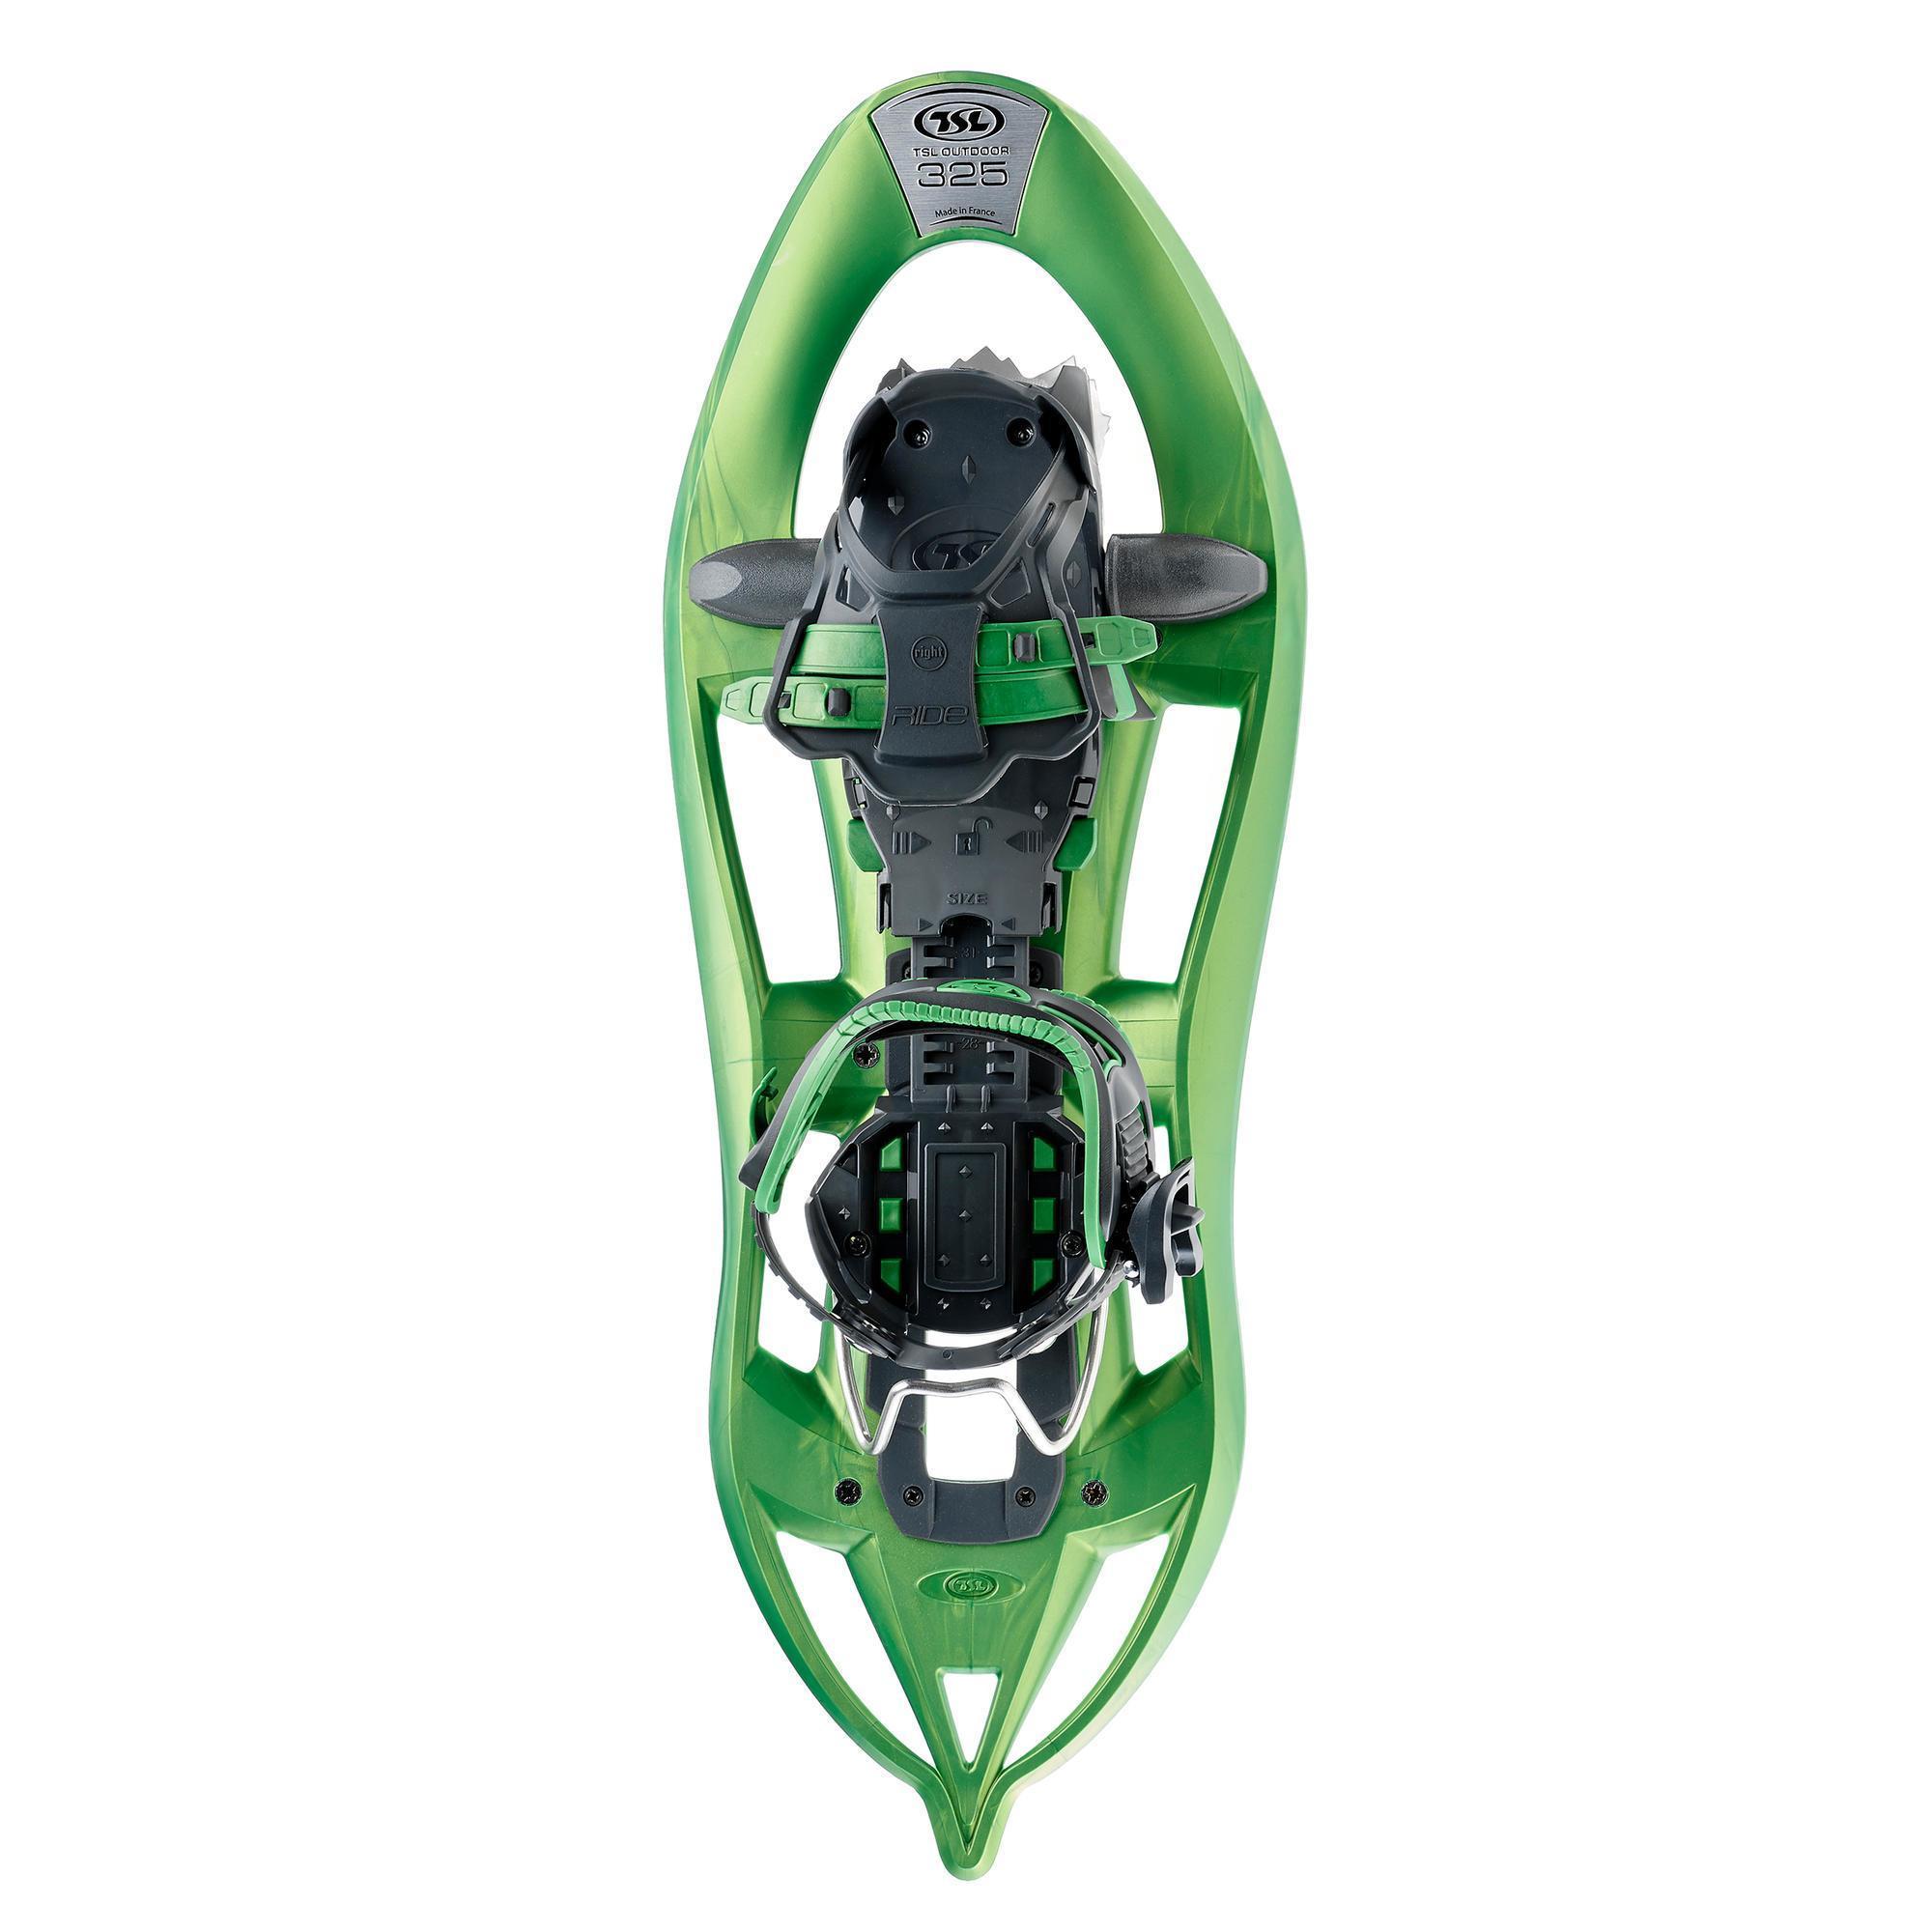 Schneeschuhe TSL 325 Ride großer Rahmen grün | Schuhe > Sportschuhe > Schneeschuhe | Tsl